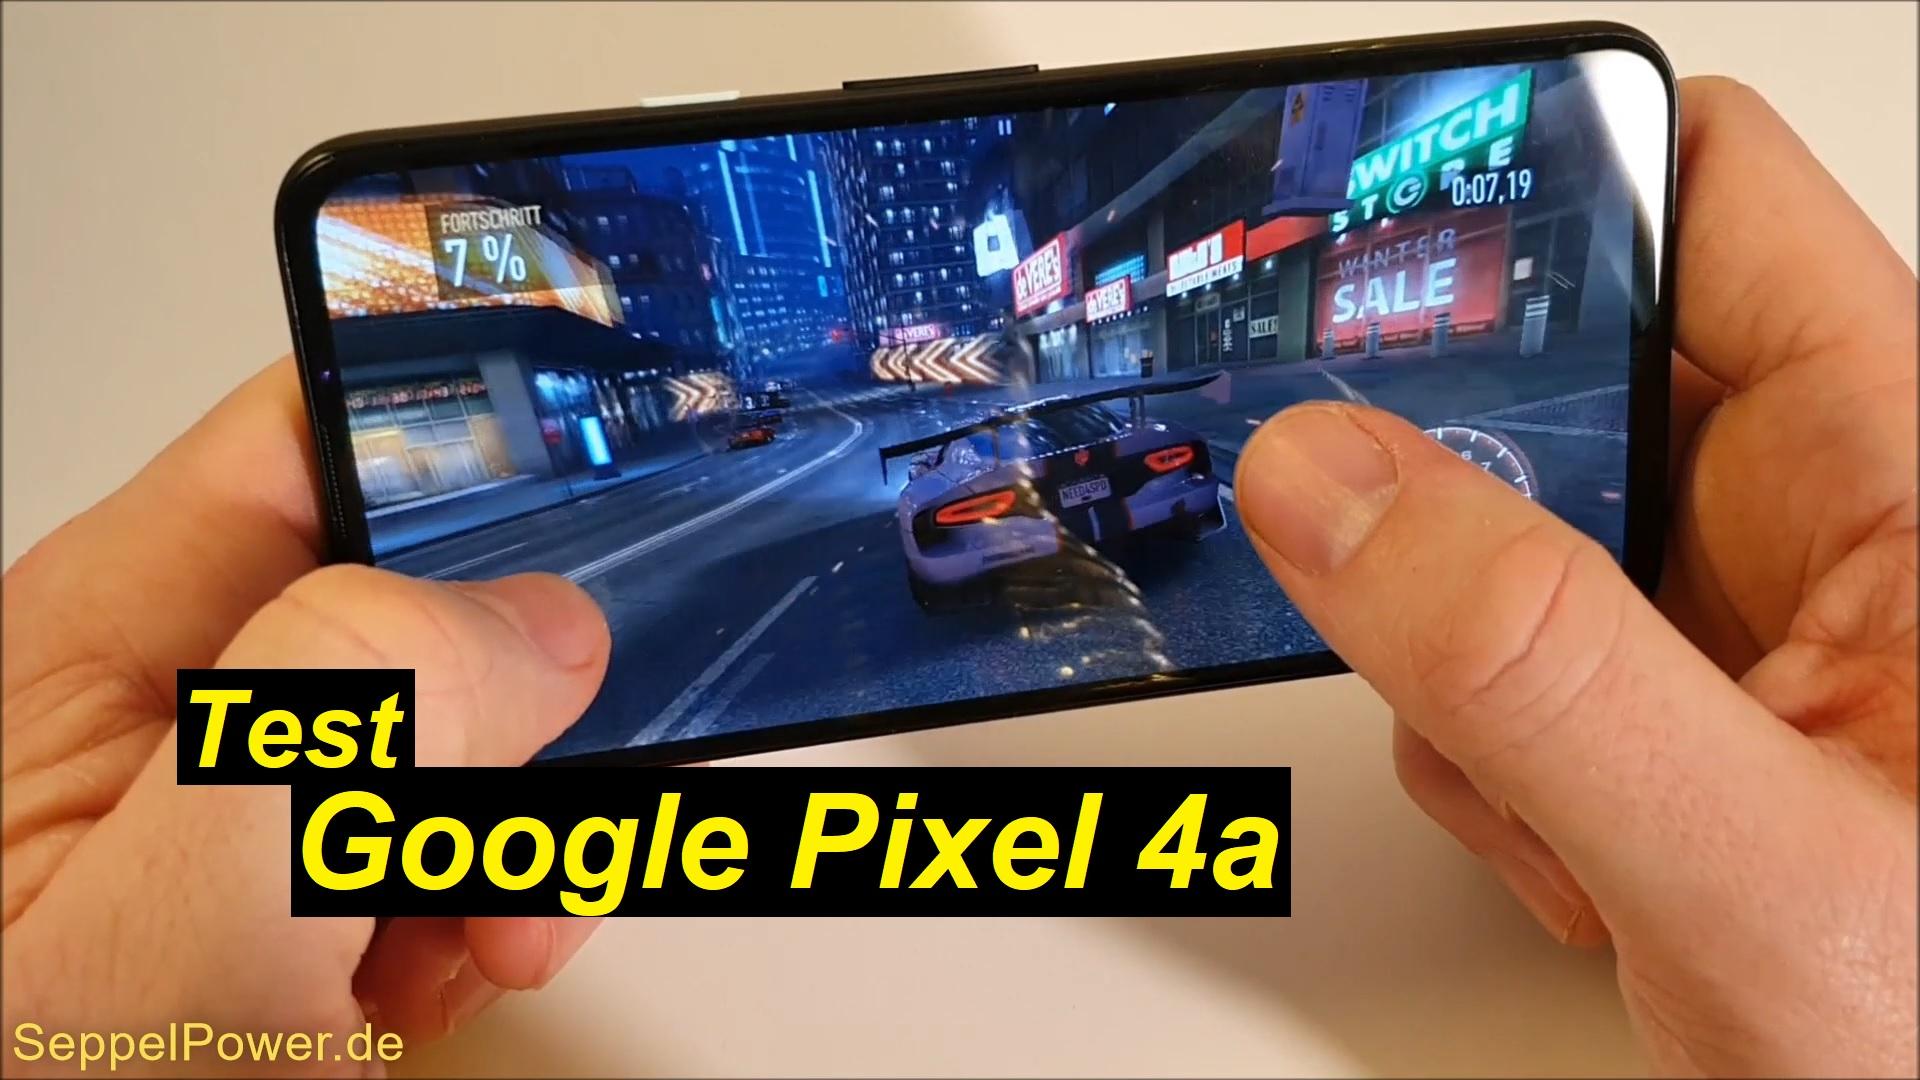 das Google Pixel 4a ausführlich getestet - SeppelPower